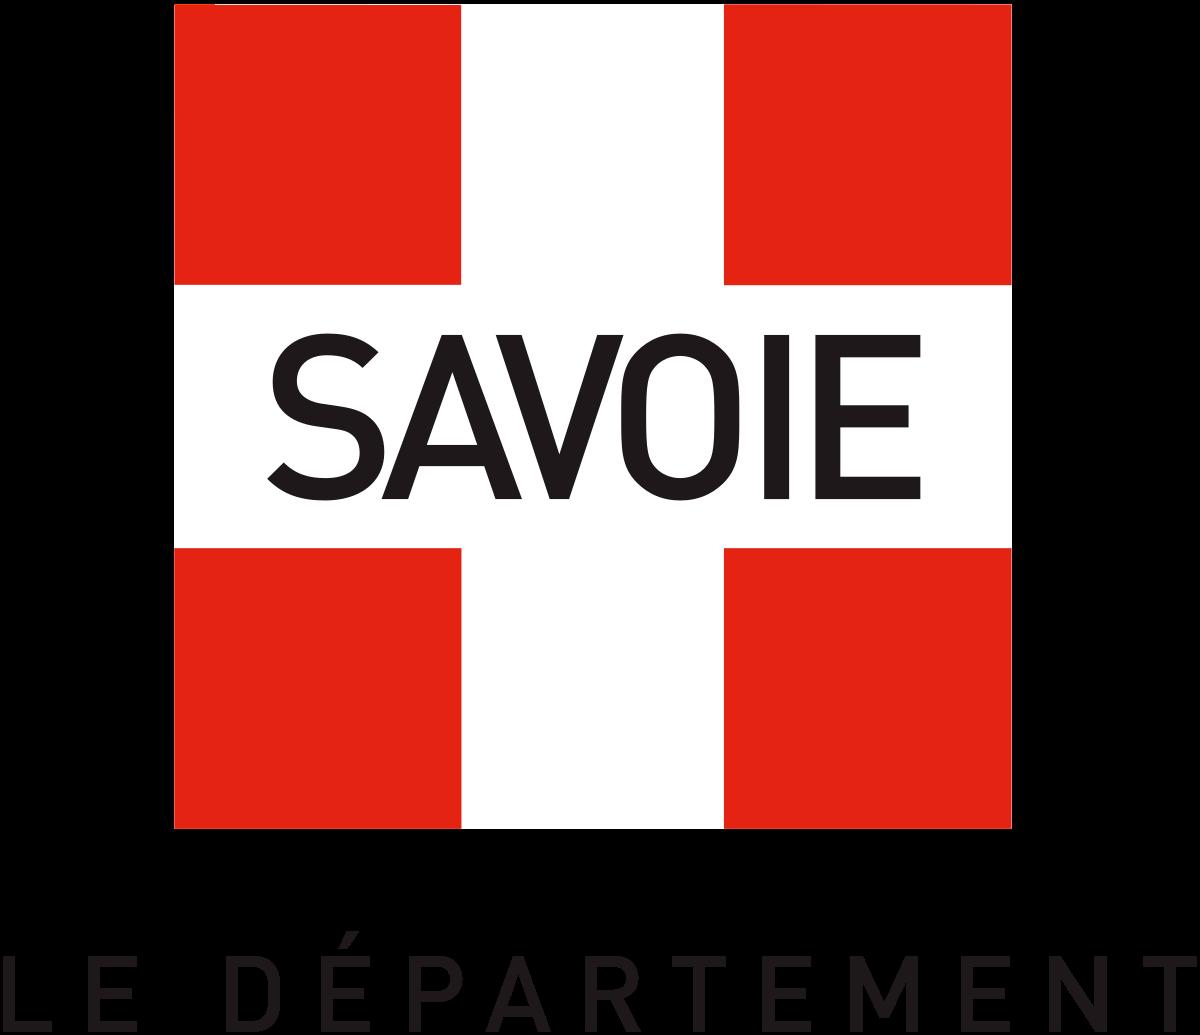 Département-de-la-Savoie-CMJN.png